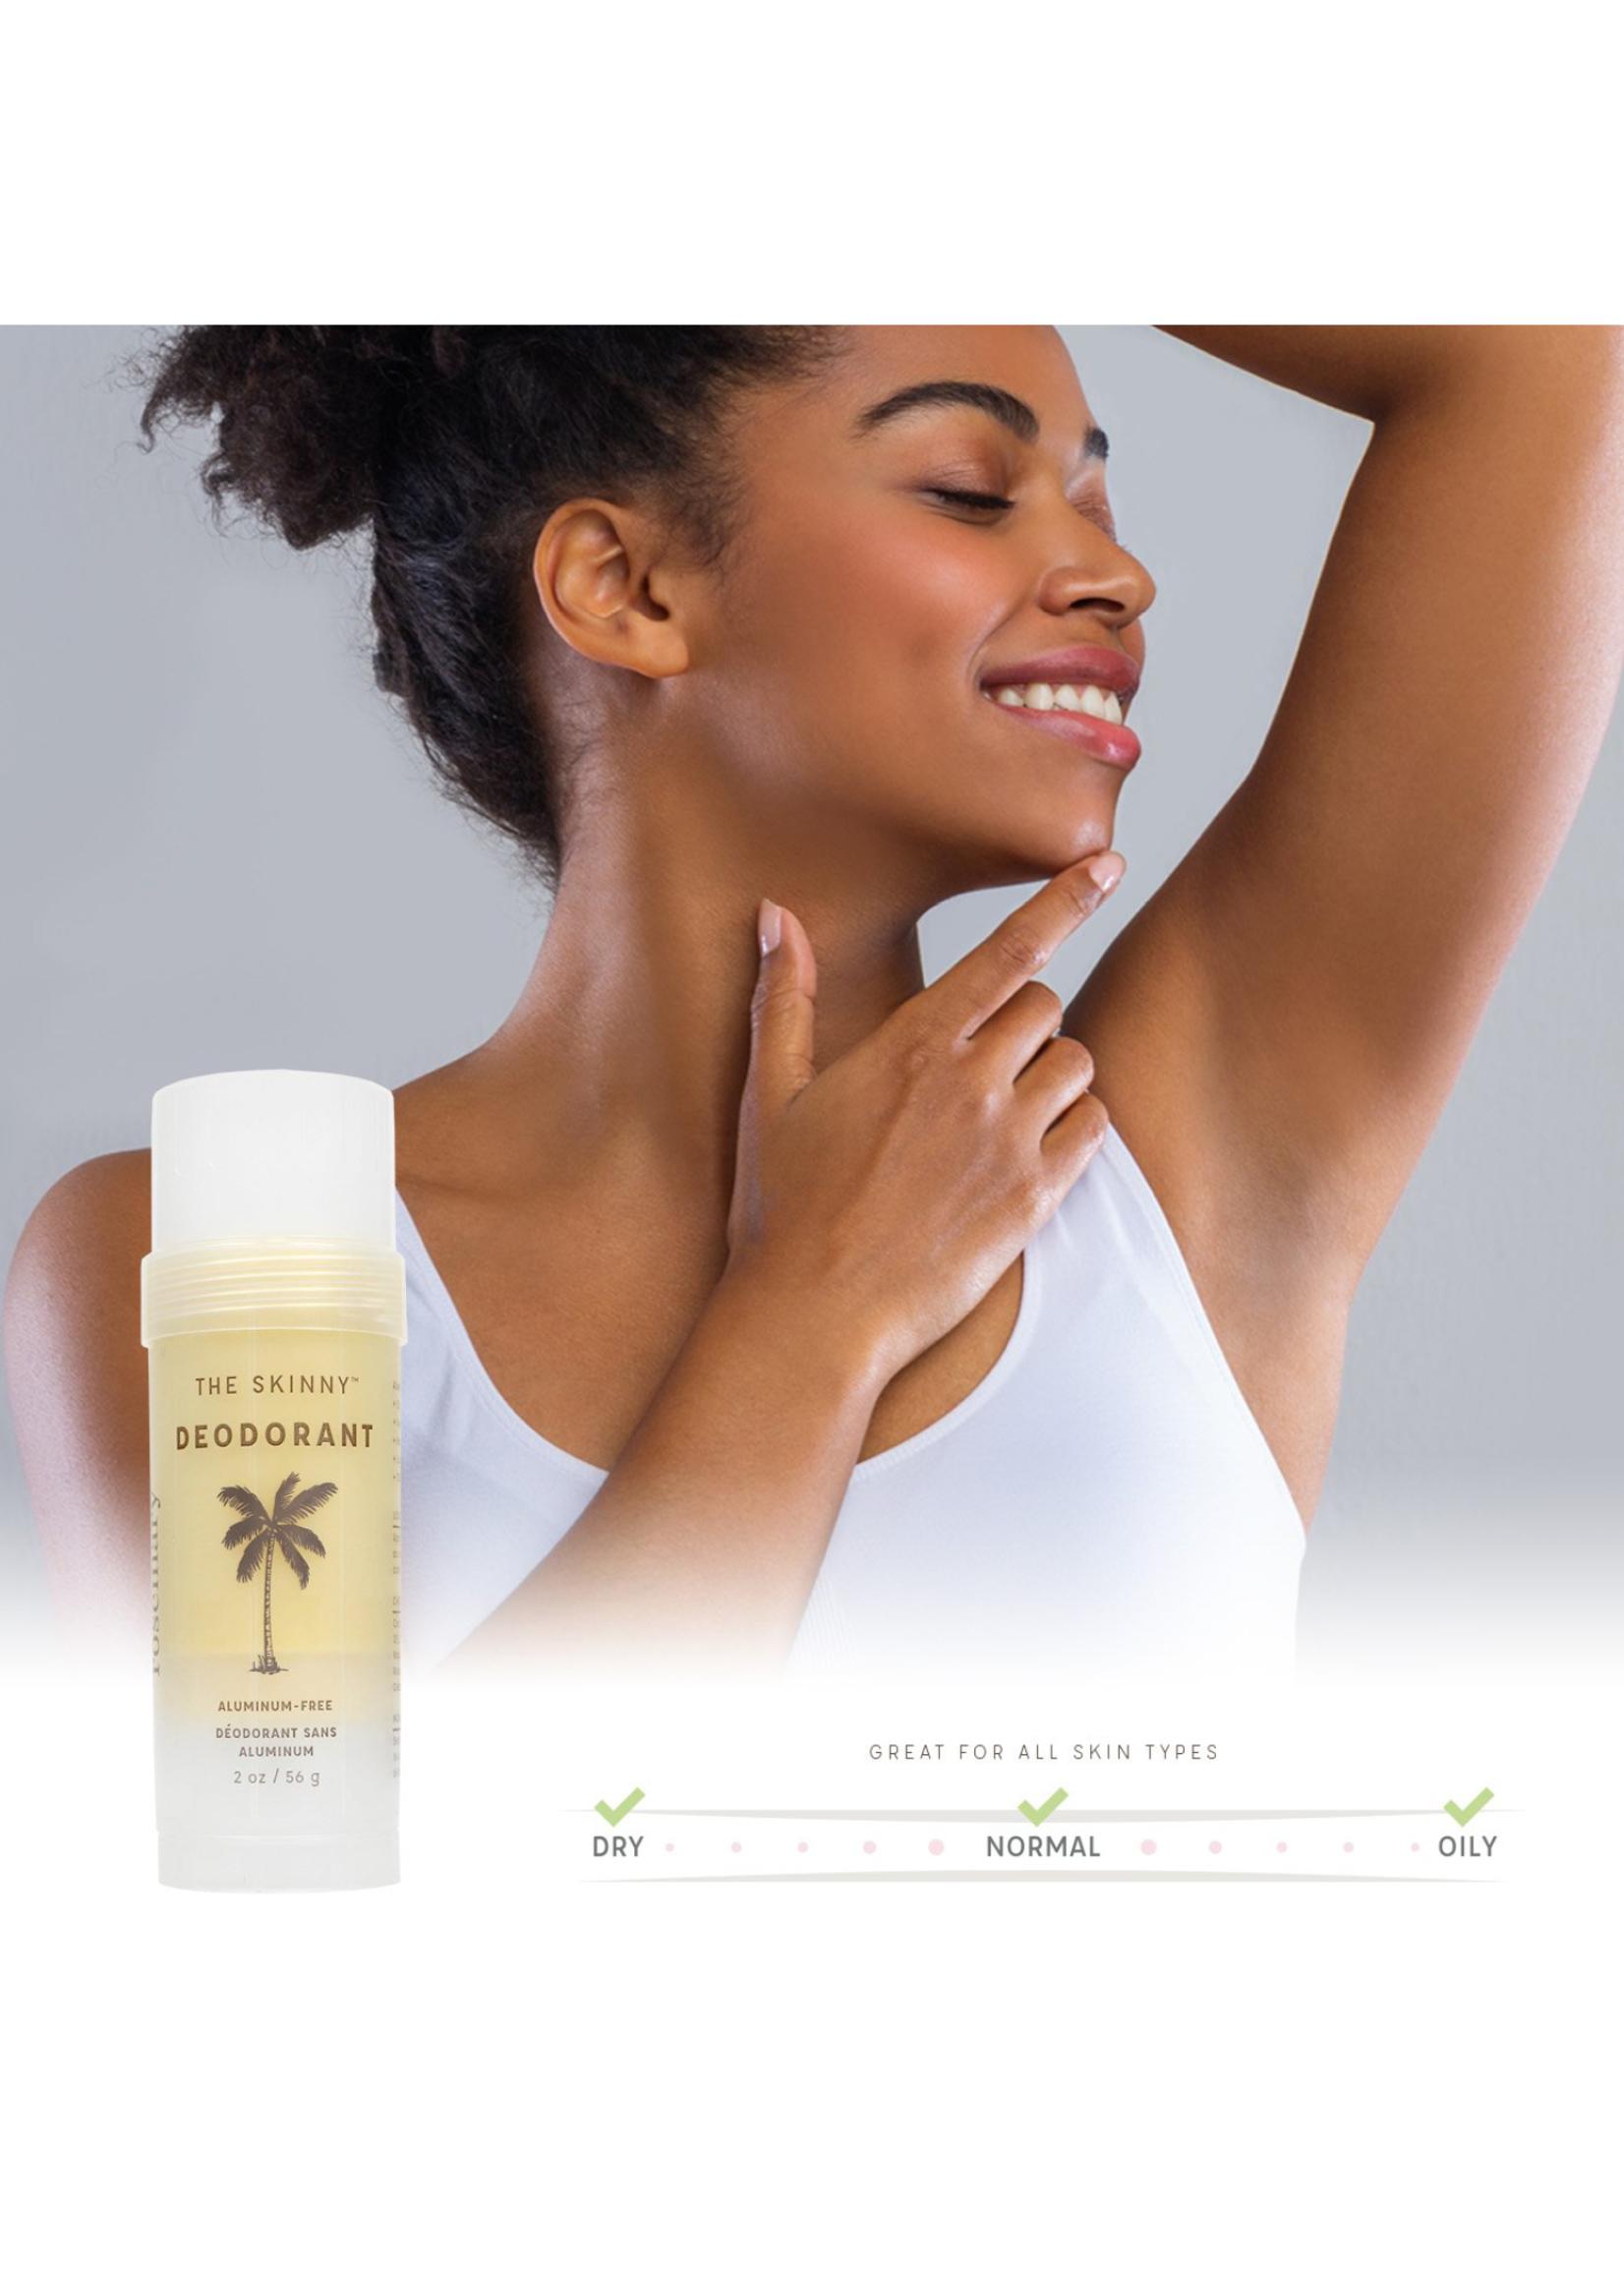 The Skinny Natural Deodorant